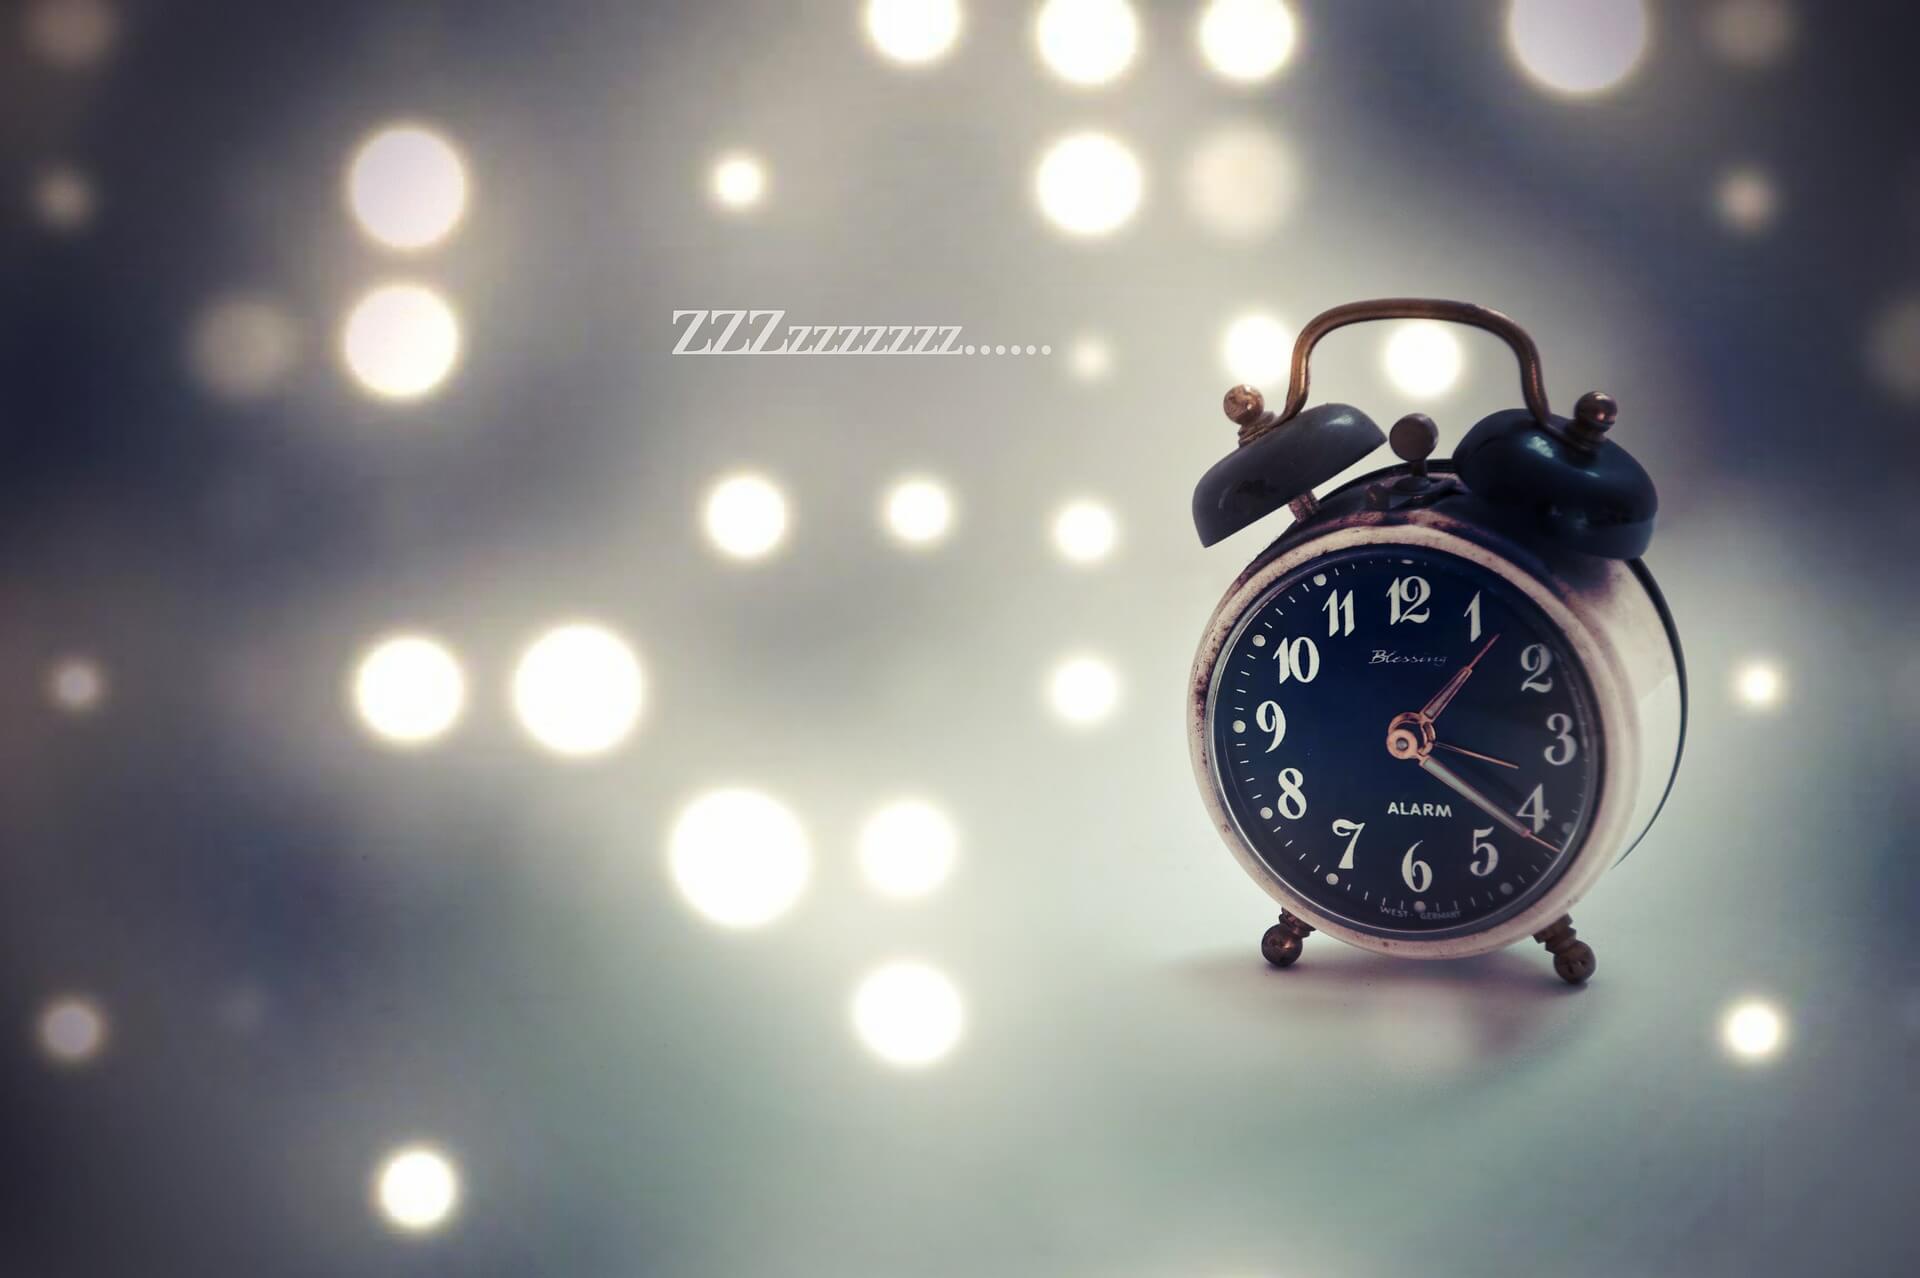 טבלת שעות שינה מומלצות לפי גיל